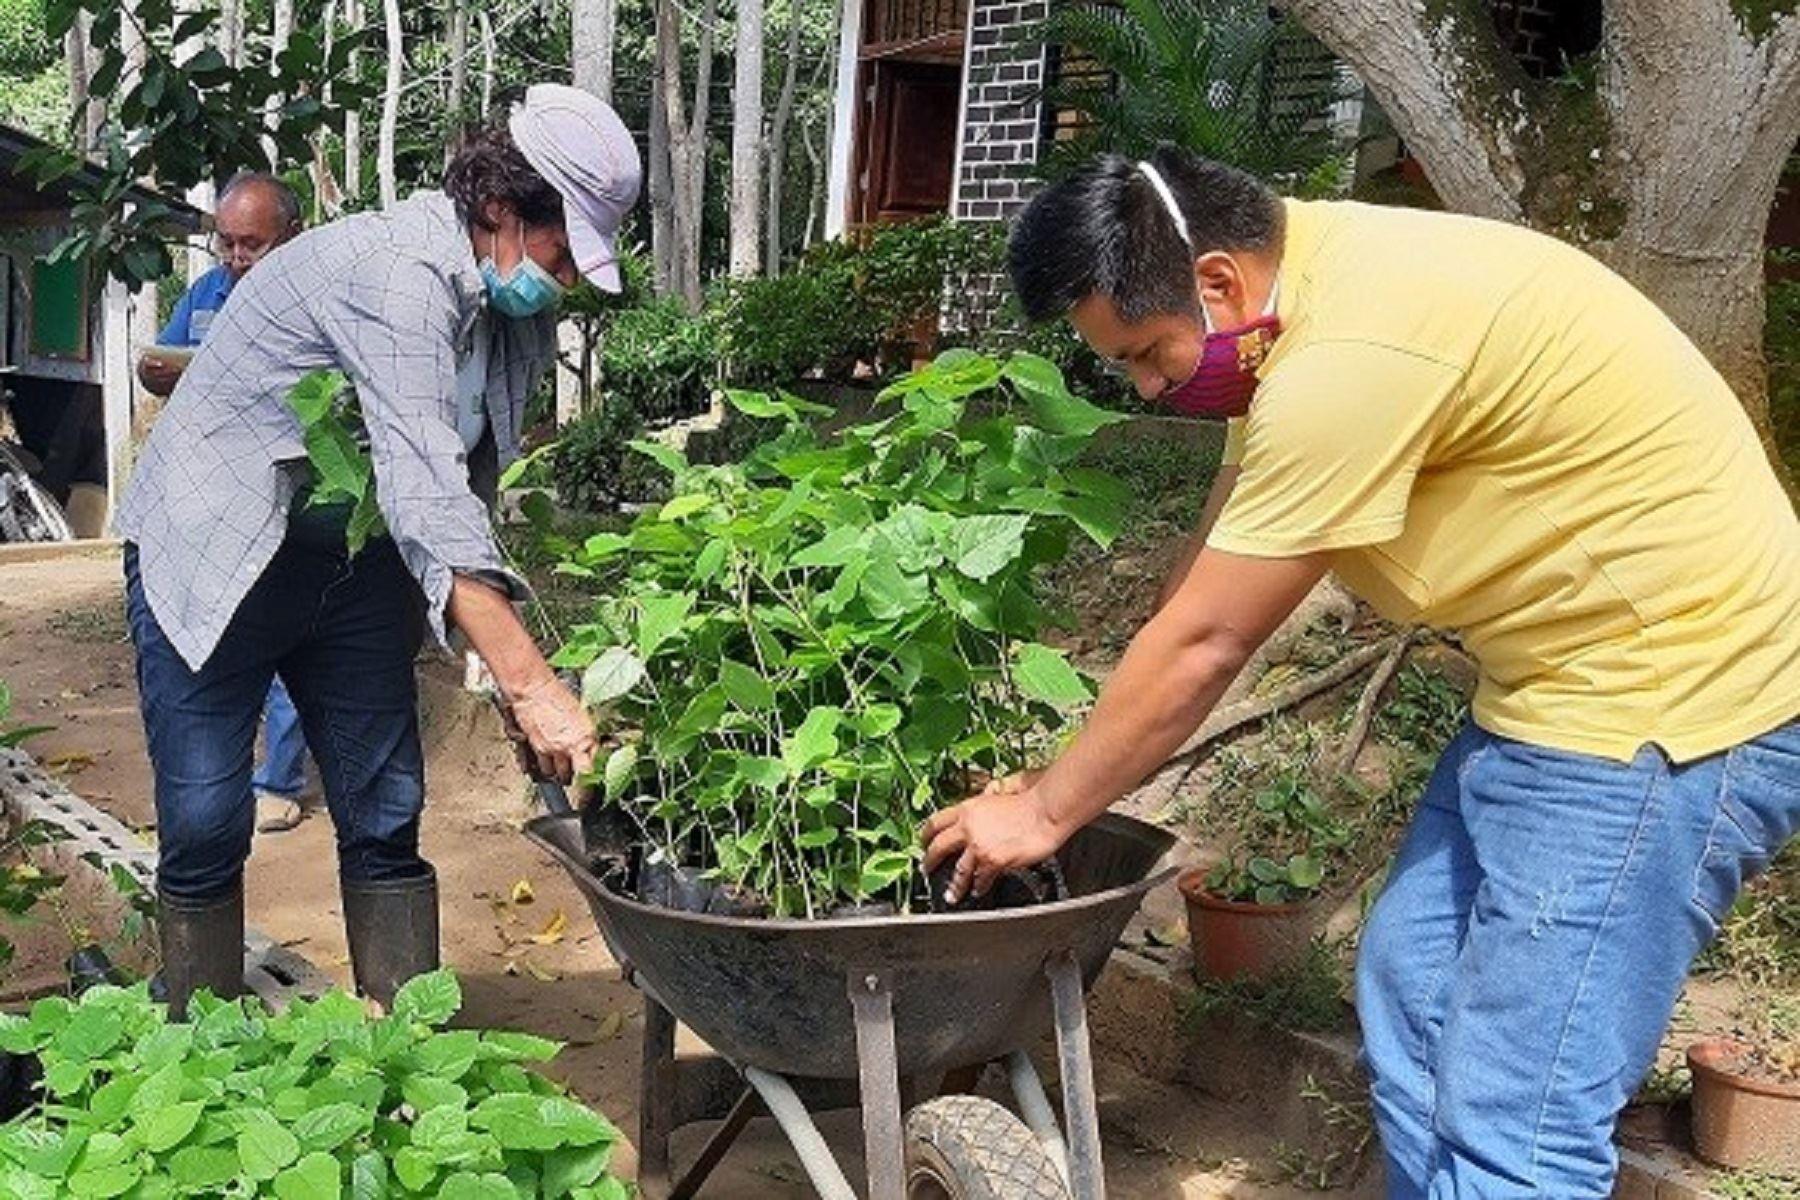 San Martín: avance en estrategia de reforestación alcanza un promedio de 780 hectáreas de siembra. Foto: difusión.